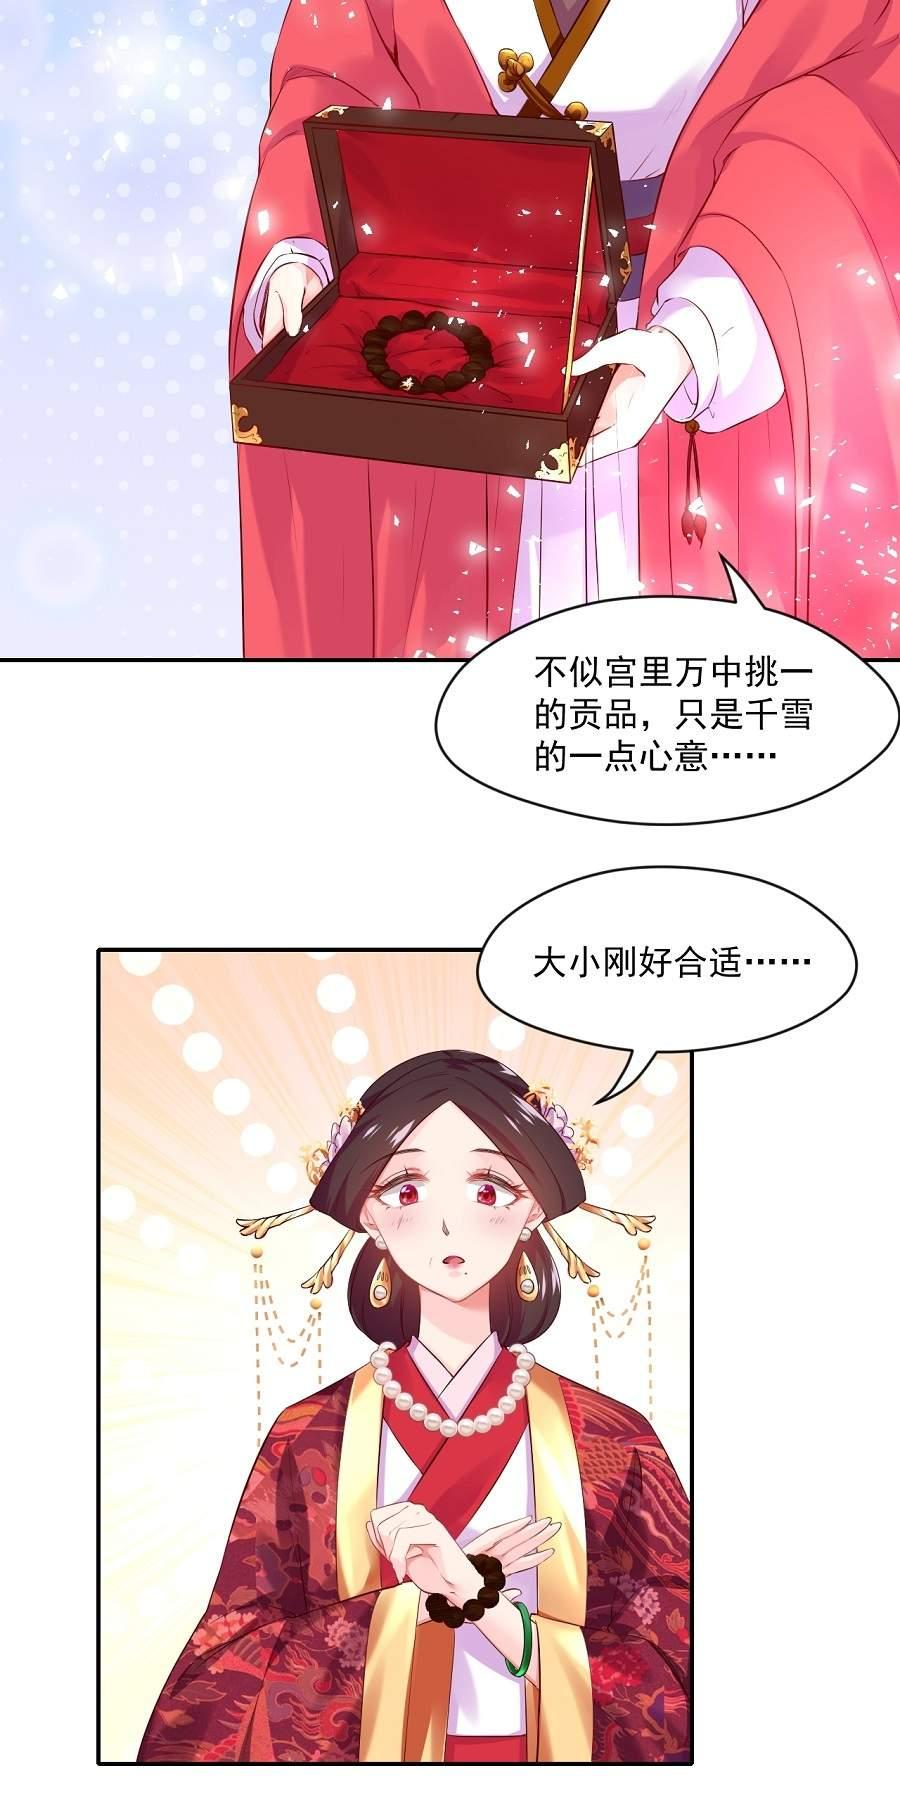 盛世帝王妃第76话  眼中钉(福利!) 第 15